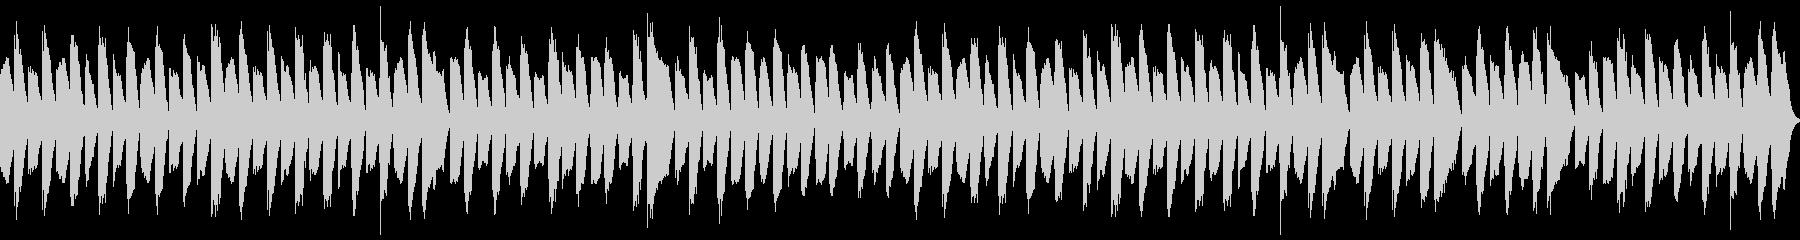 【便利】 ピアノA ラグタイム 【定番】の未再生の波形